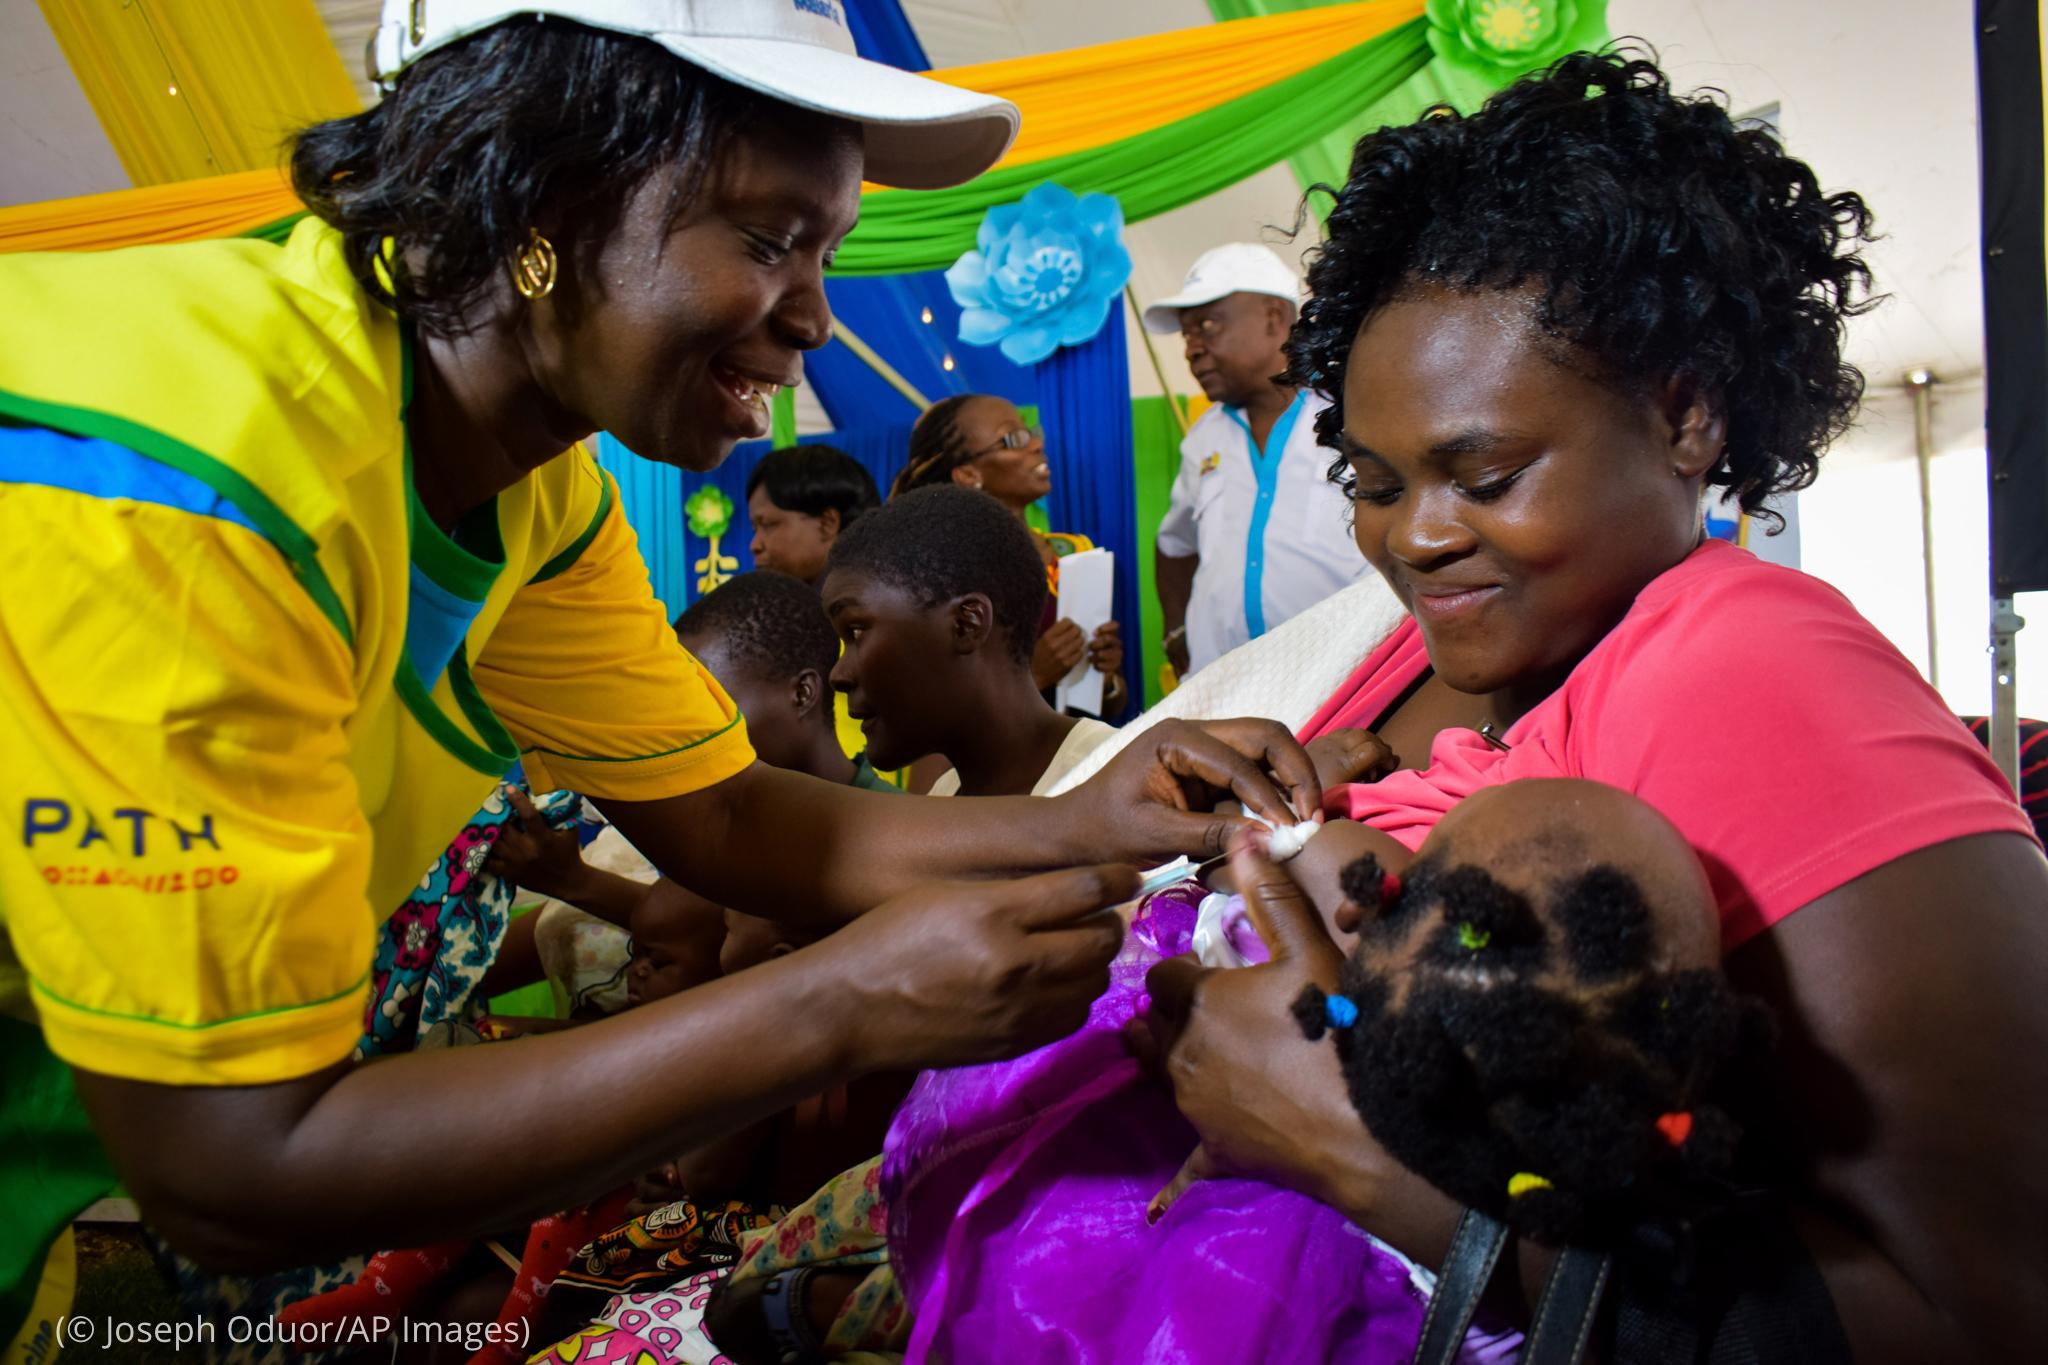 ماں کے بازوؤں میں پکڑے ایک بچے کو ایک خاتون ٹیکہ لگا رہی ہے۔ (© Joseph Oduor/AP Images